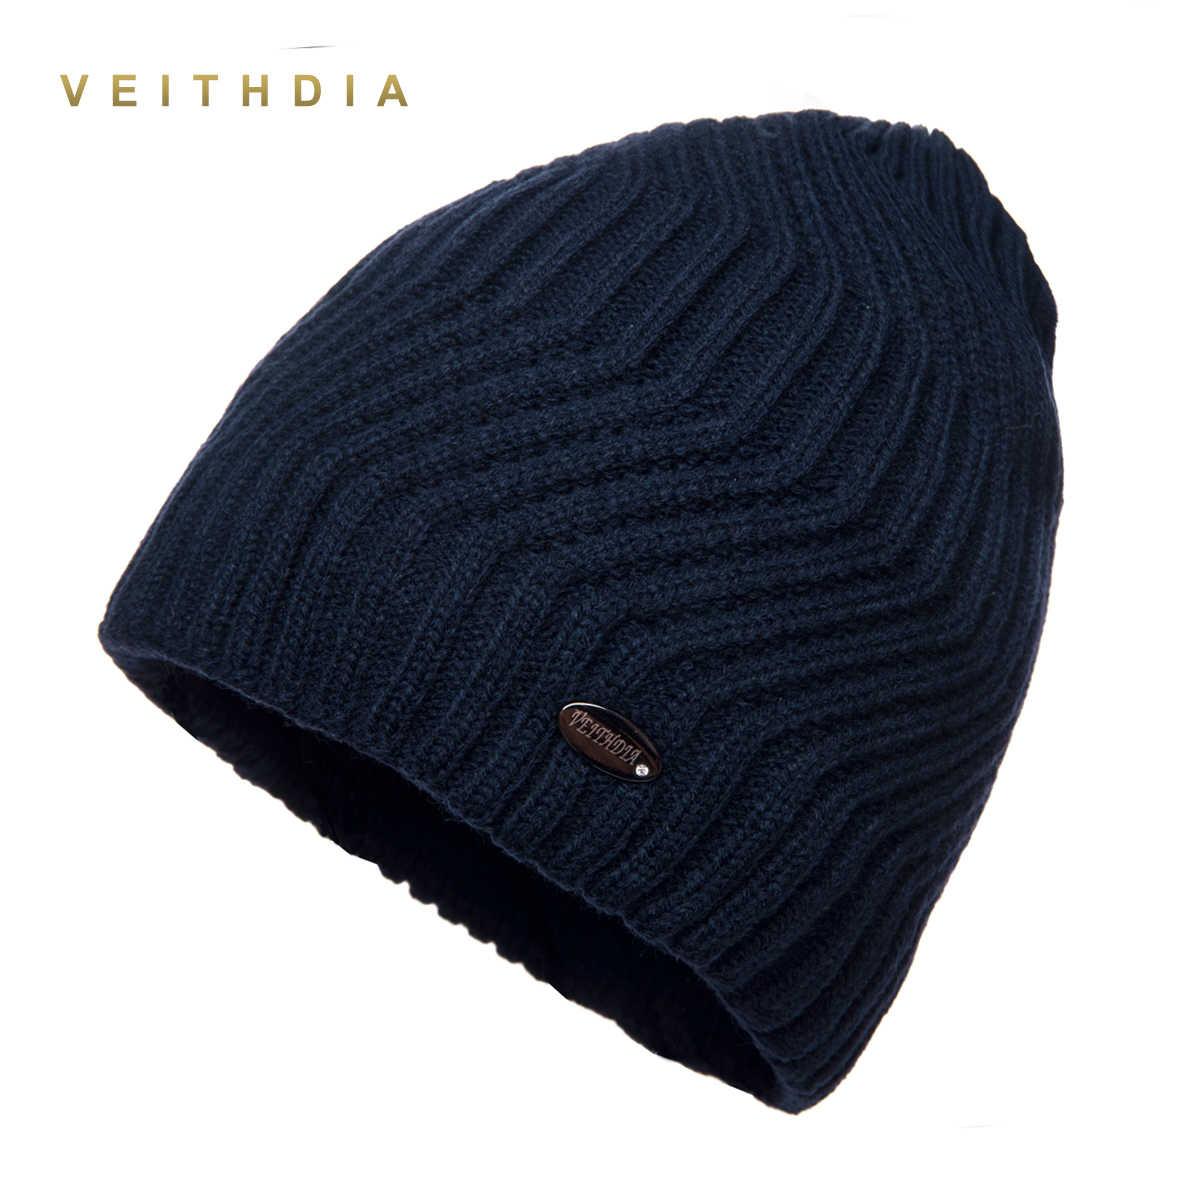 VEITHDIA Men Winter Hat Skullies Hats beanies Knitted plus velvet Patchwork  Color Cap Men s Hat Gorro 7097c472fcb0